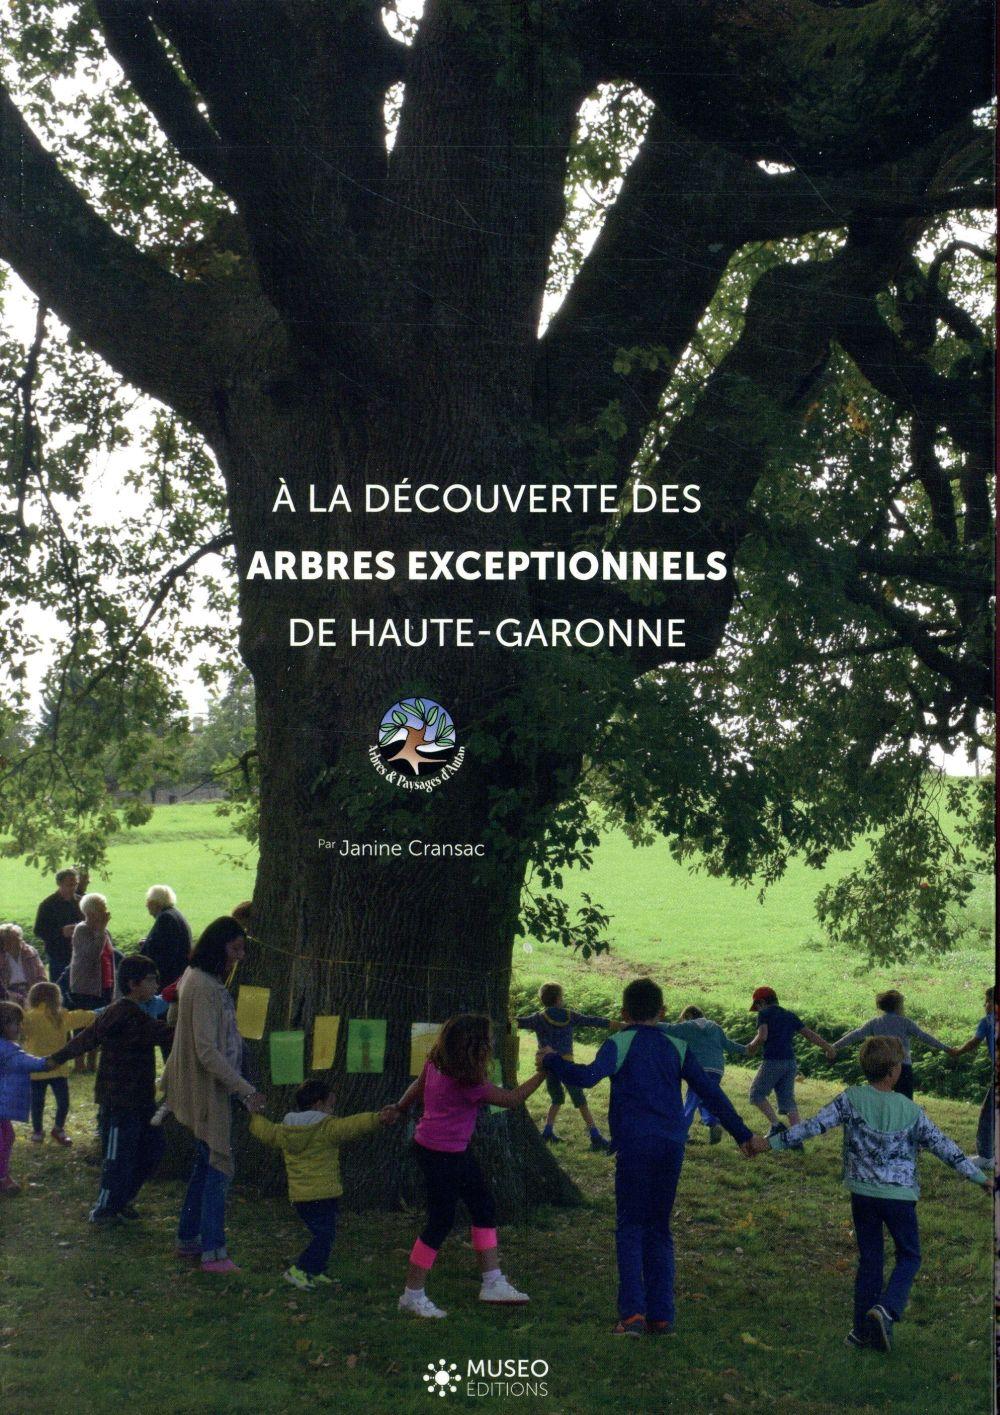 à la découverte des arbres exceptionnels de Haute-Garonne